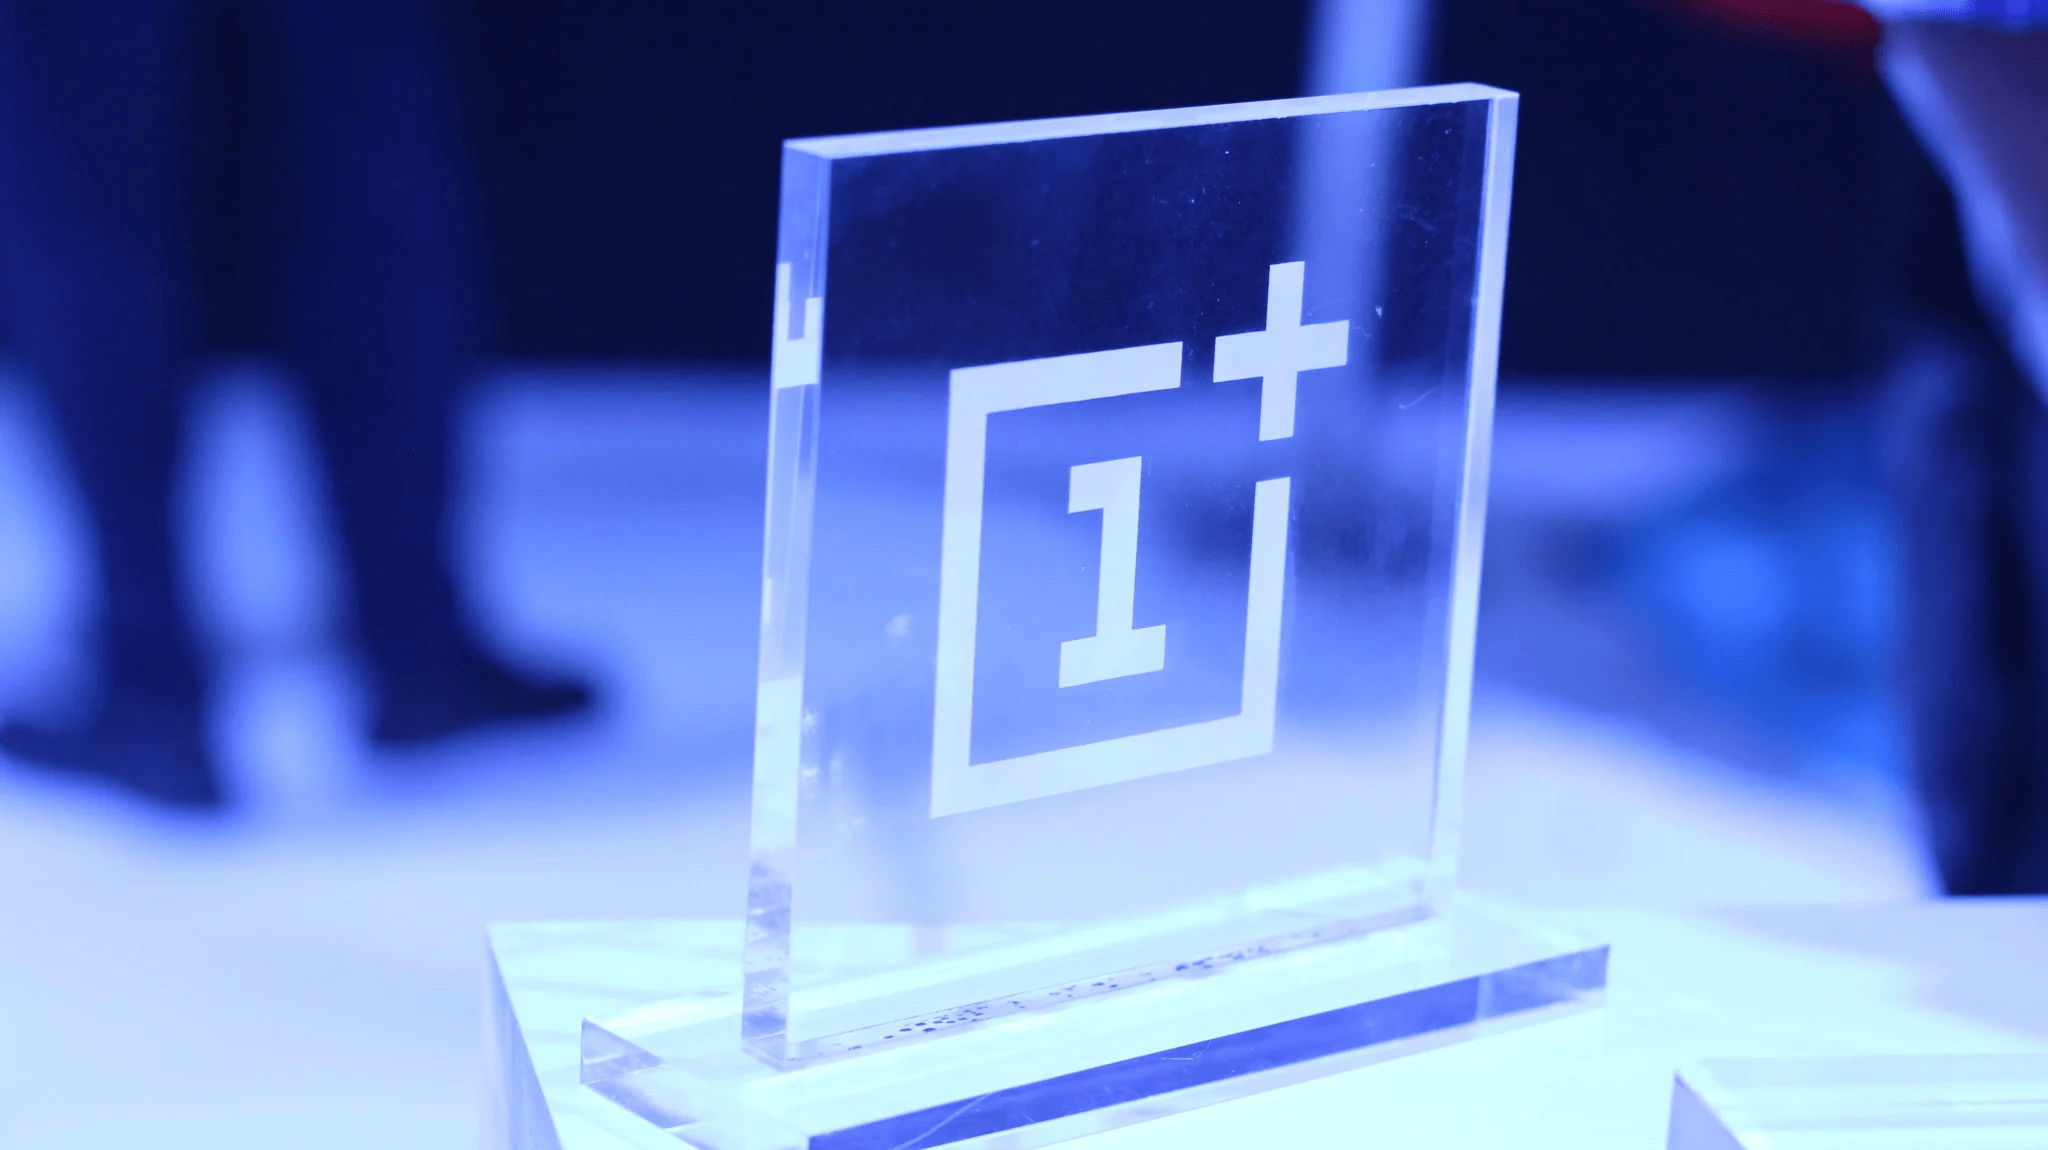 У компании OnePlus снова случилась утечка данных